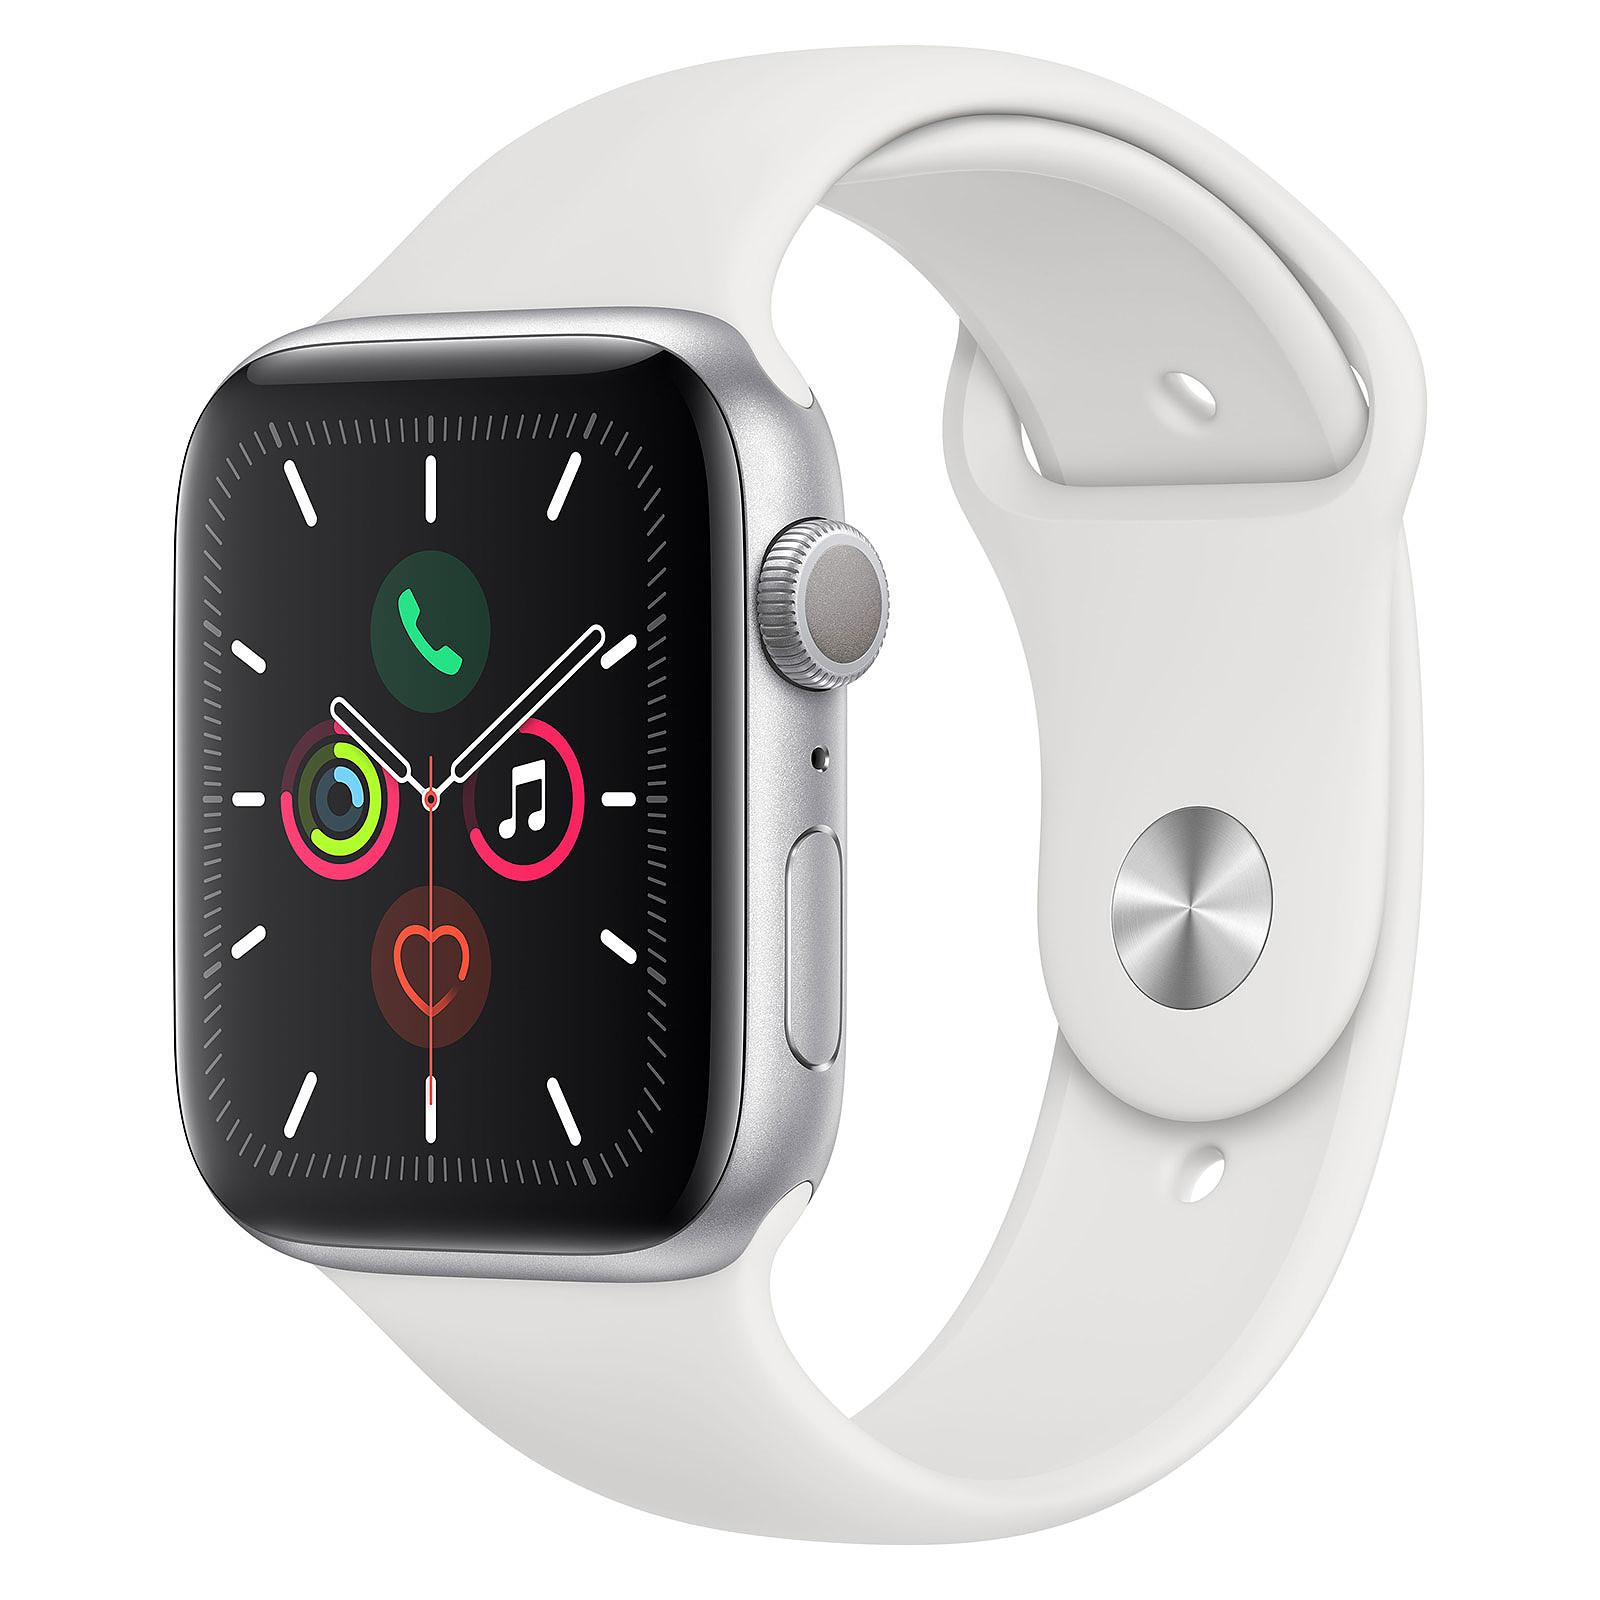 Montre connectée Apple Watch Series 5 (GPS) 44 mm - Boitier Aluminium Argent avec Bracelet Sport Blanc (381.99€ avec CM19 + 38.50€ en SP)